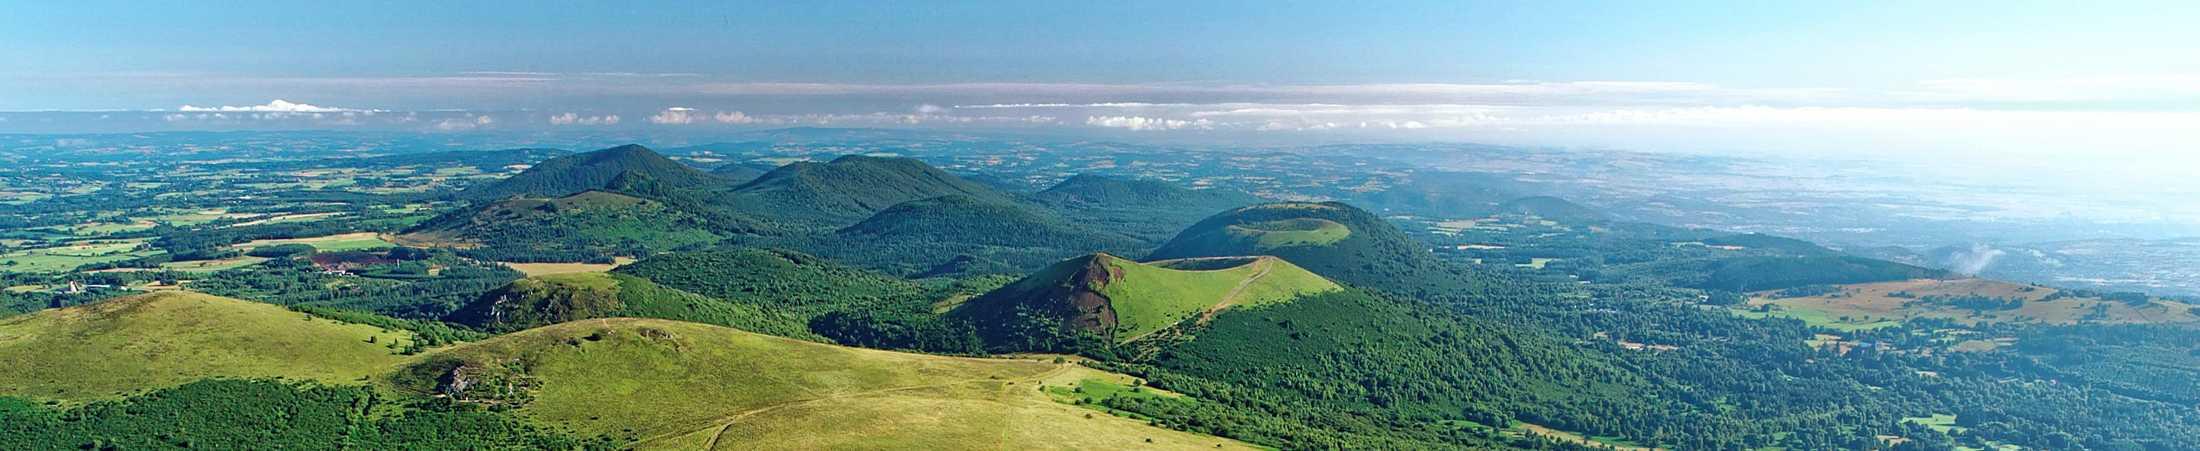 Puy de Dôme vue depuis la montagne